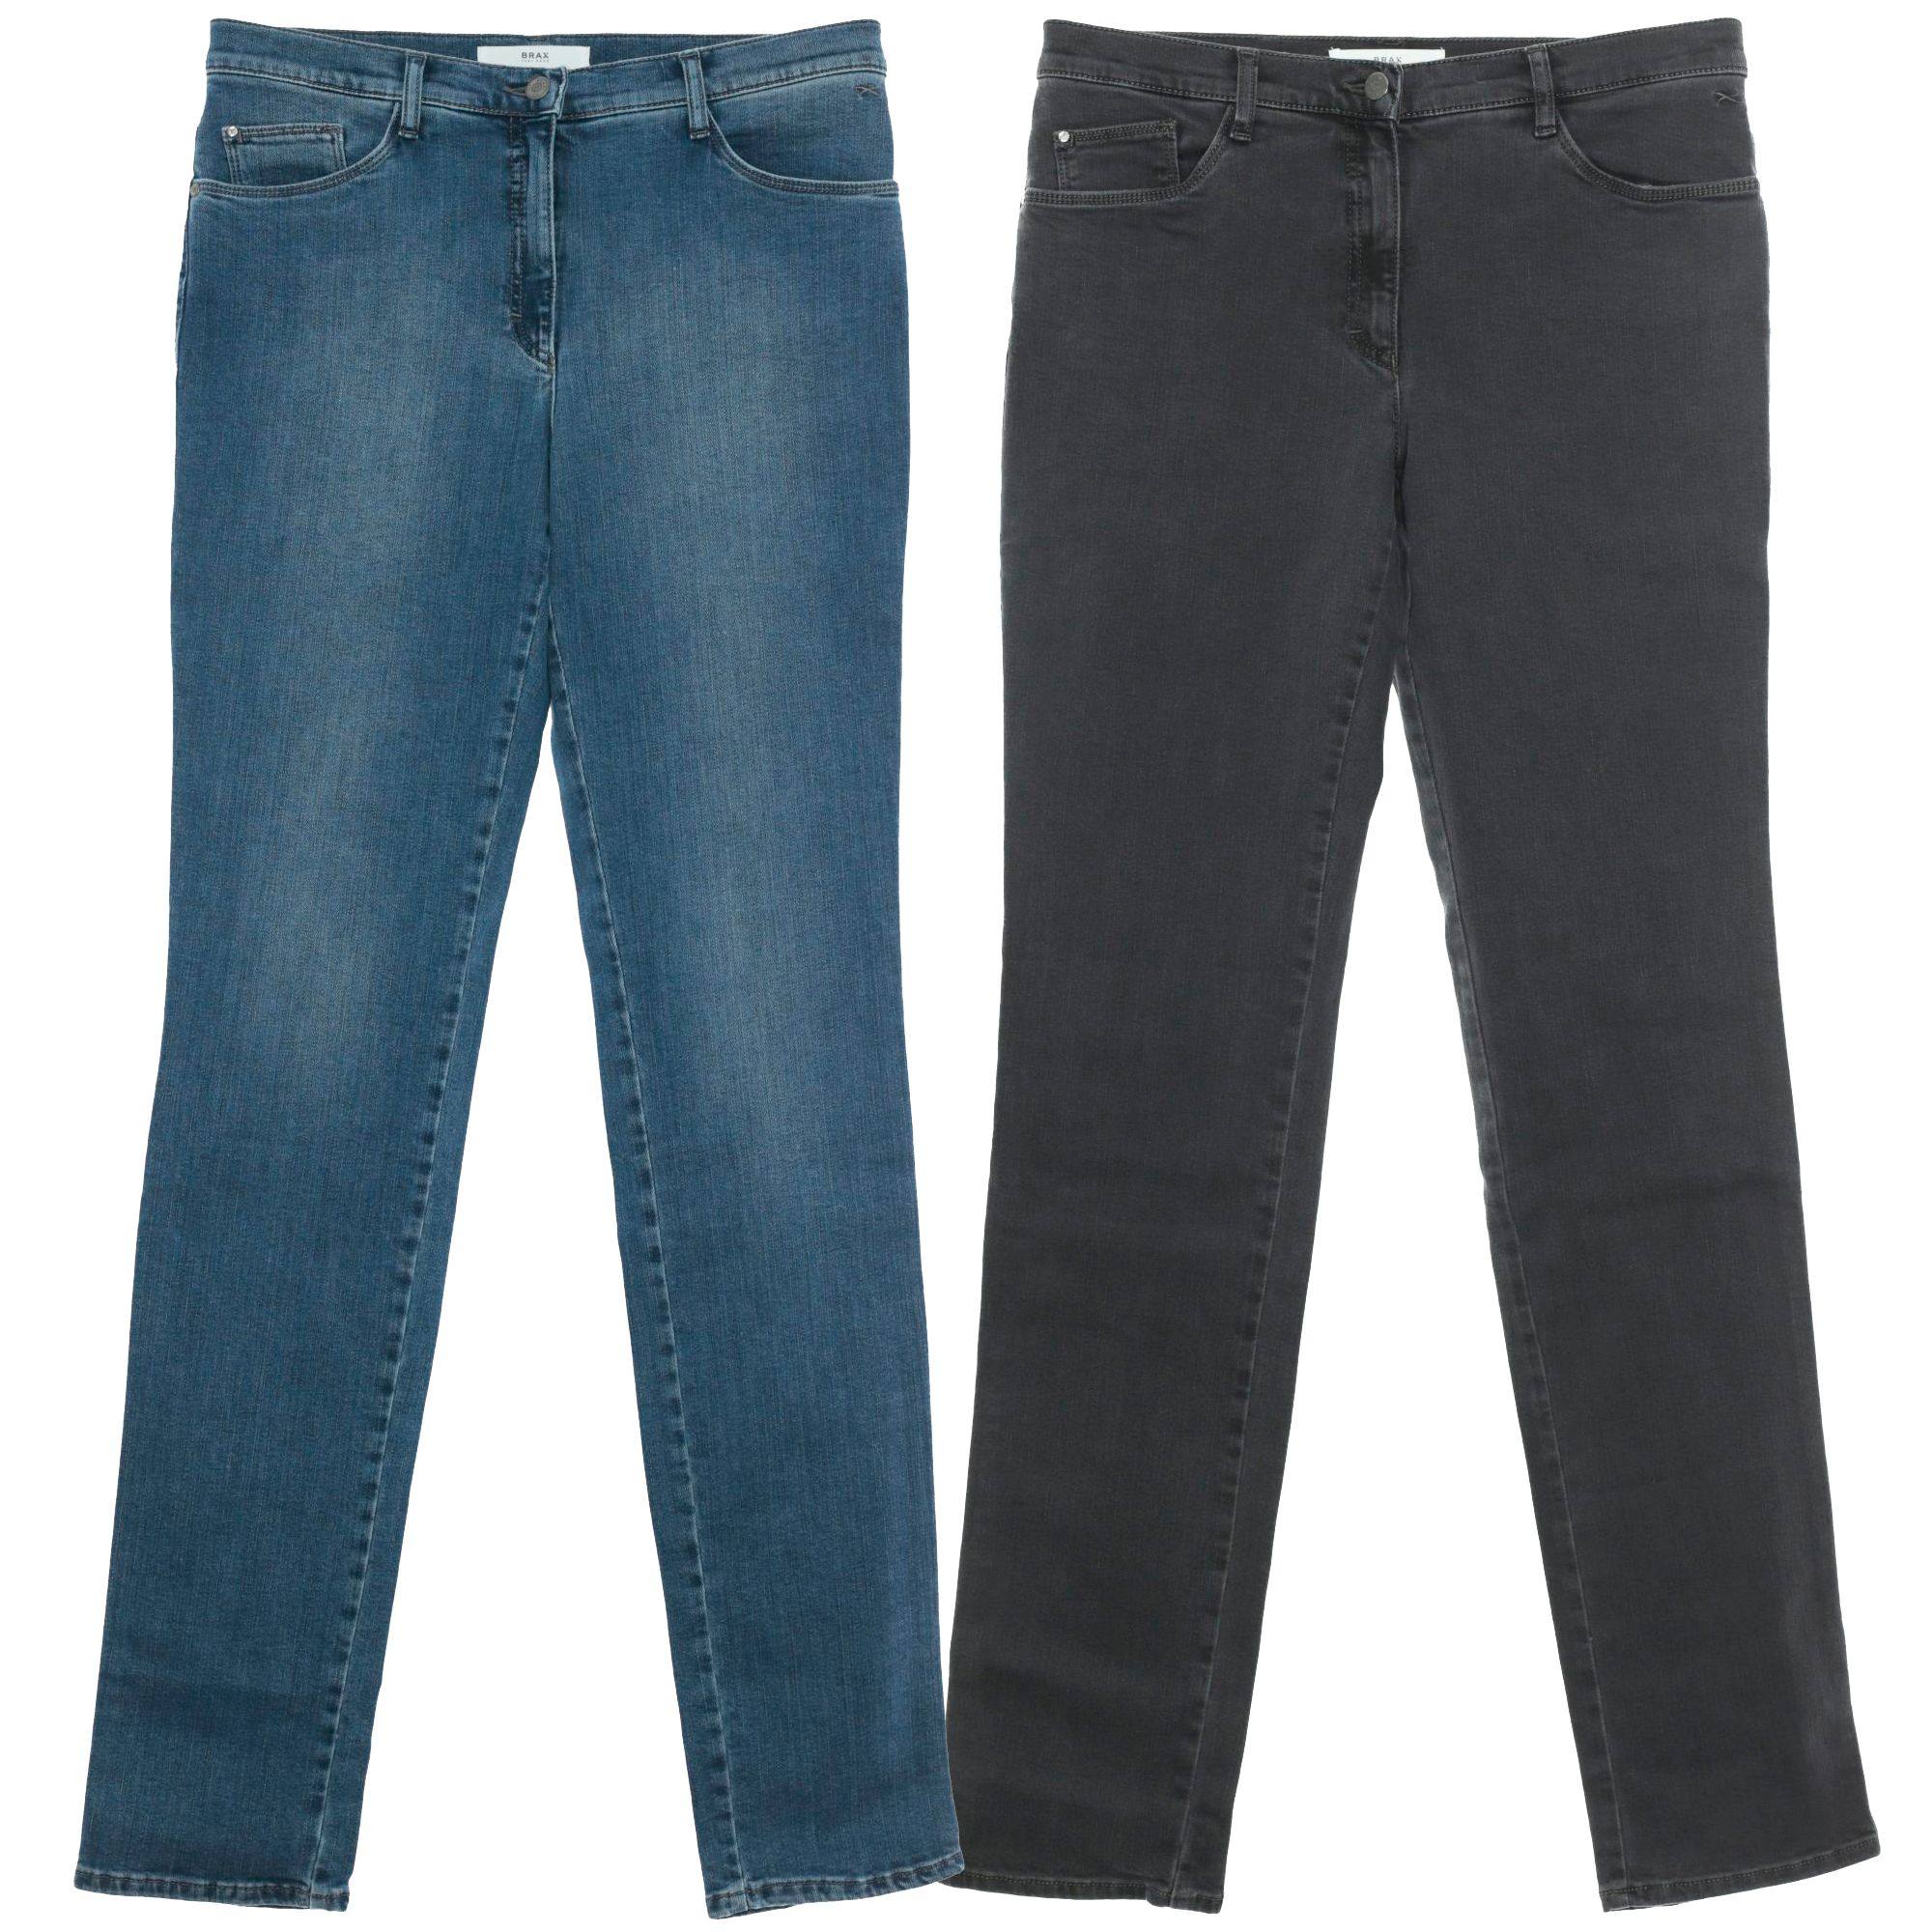 low price sale newest Details zu BRAX Mary Crystal Slim Fit Jeans Hose Pants Damen Stretch Denim  Swarovski L34